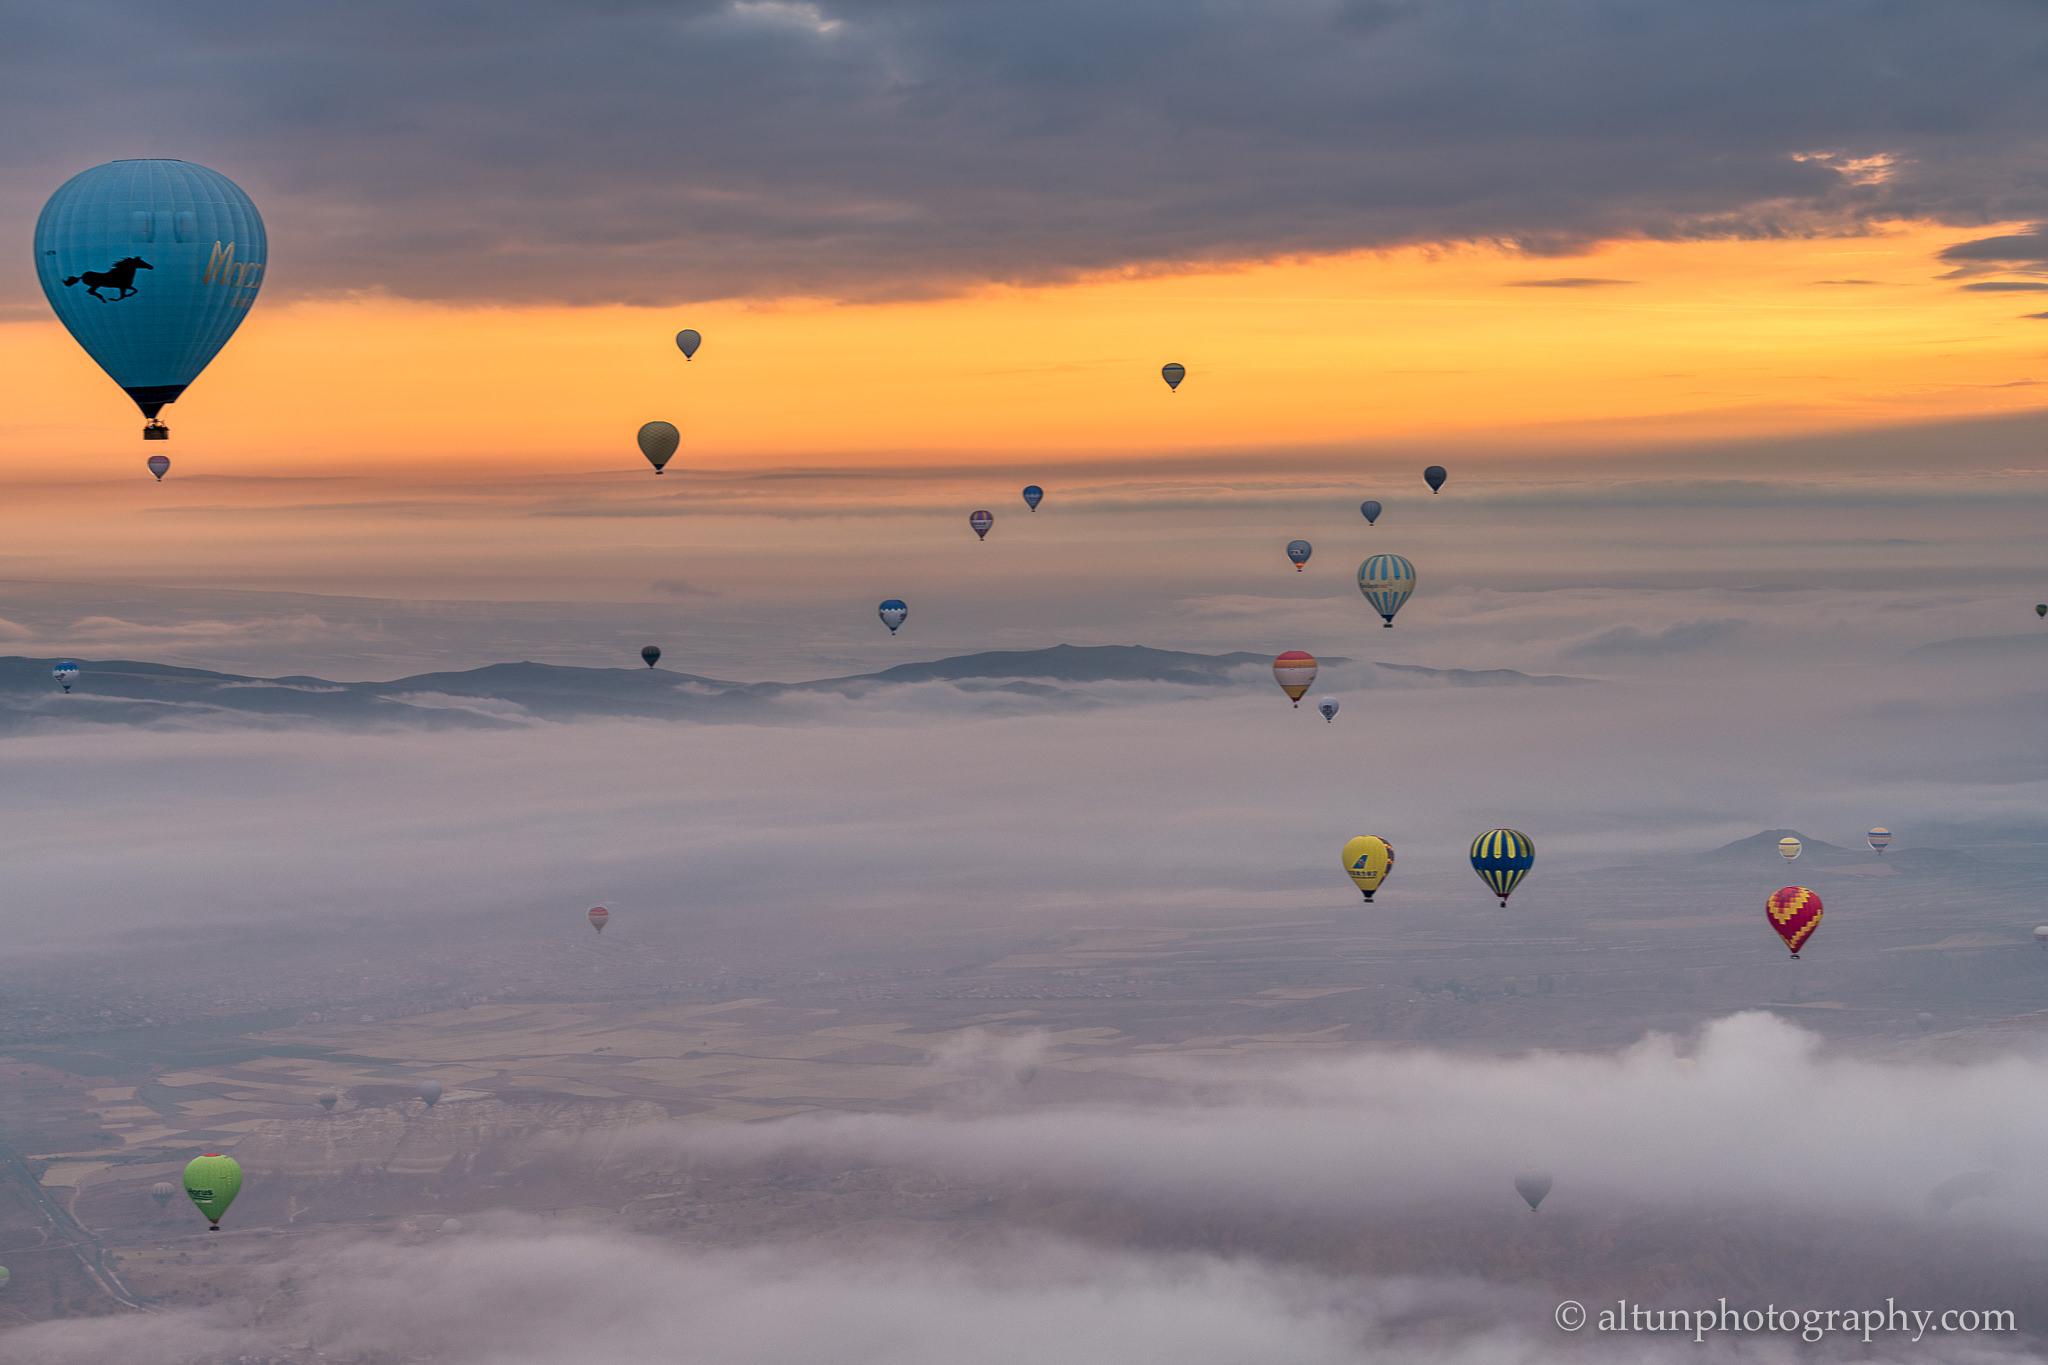 Cappadocia balloons over clouds